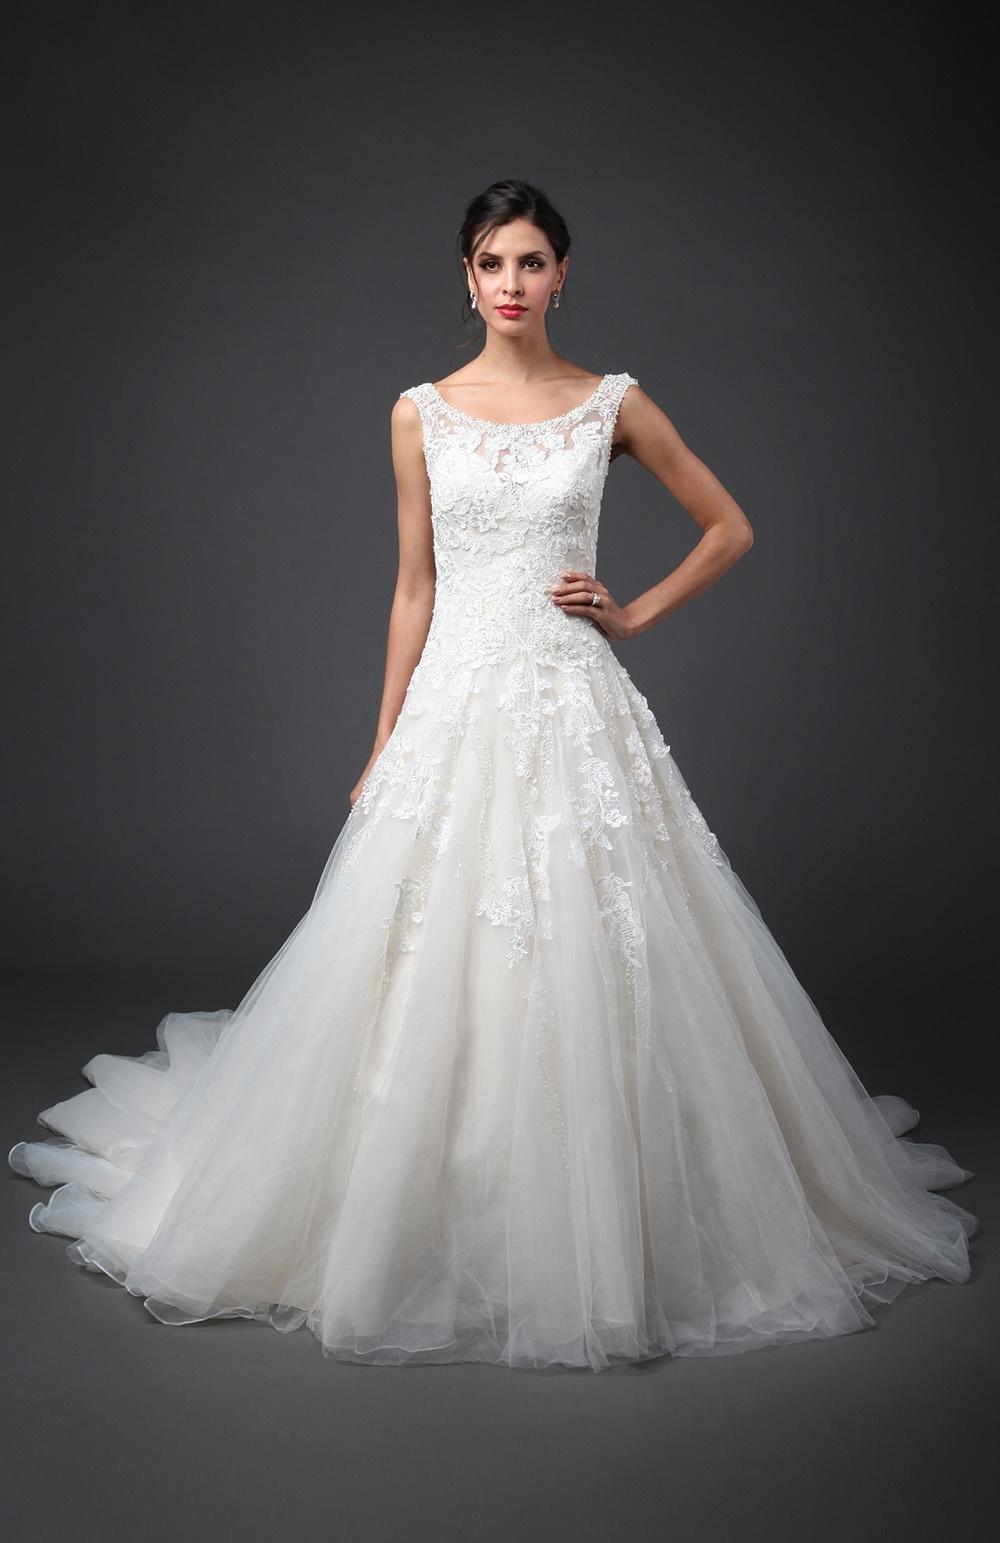 Свадебное платье 2018 из тюля